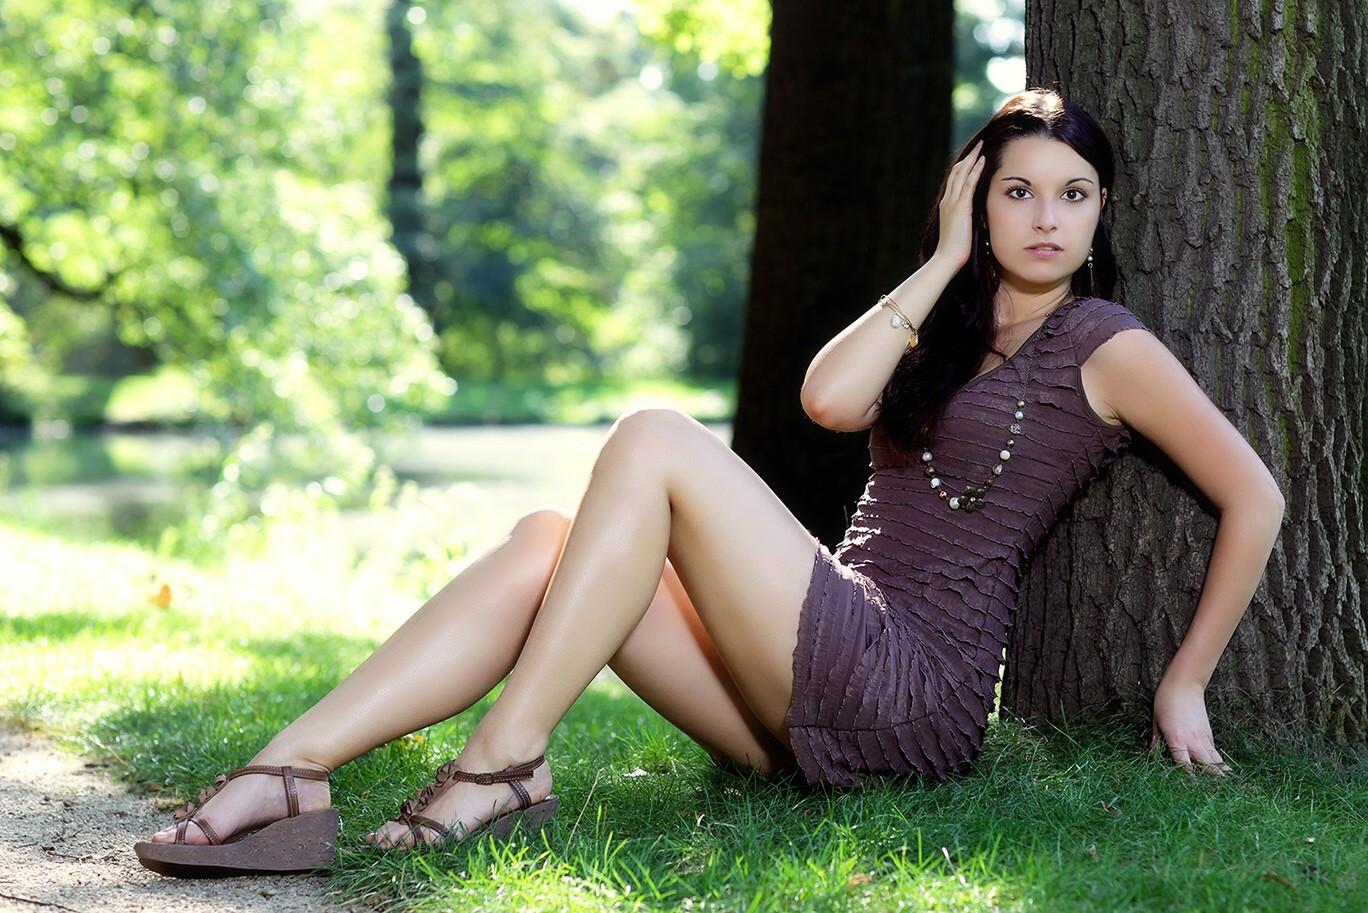 mit Cindy im Park Foto & Bild | fashion, outdoor, frauen